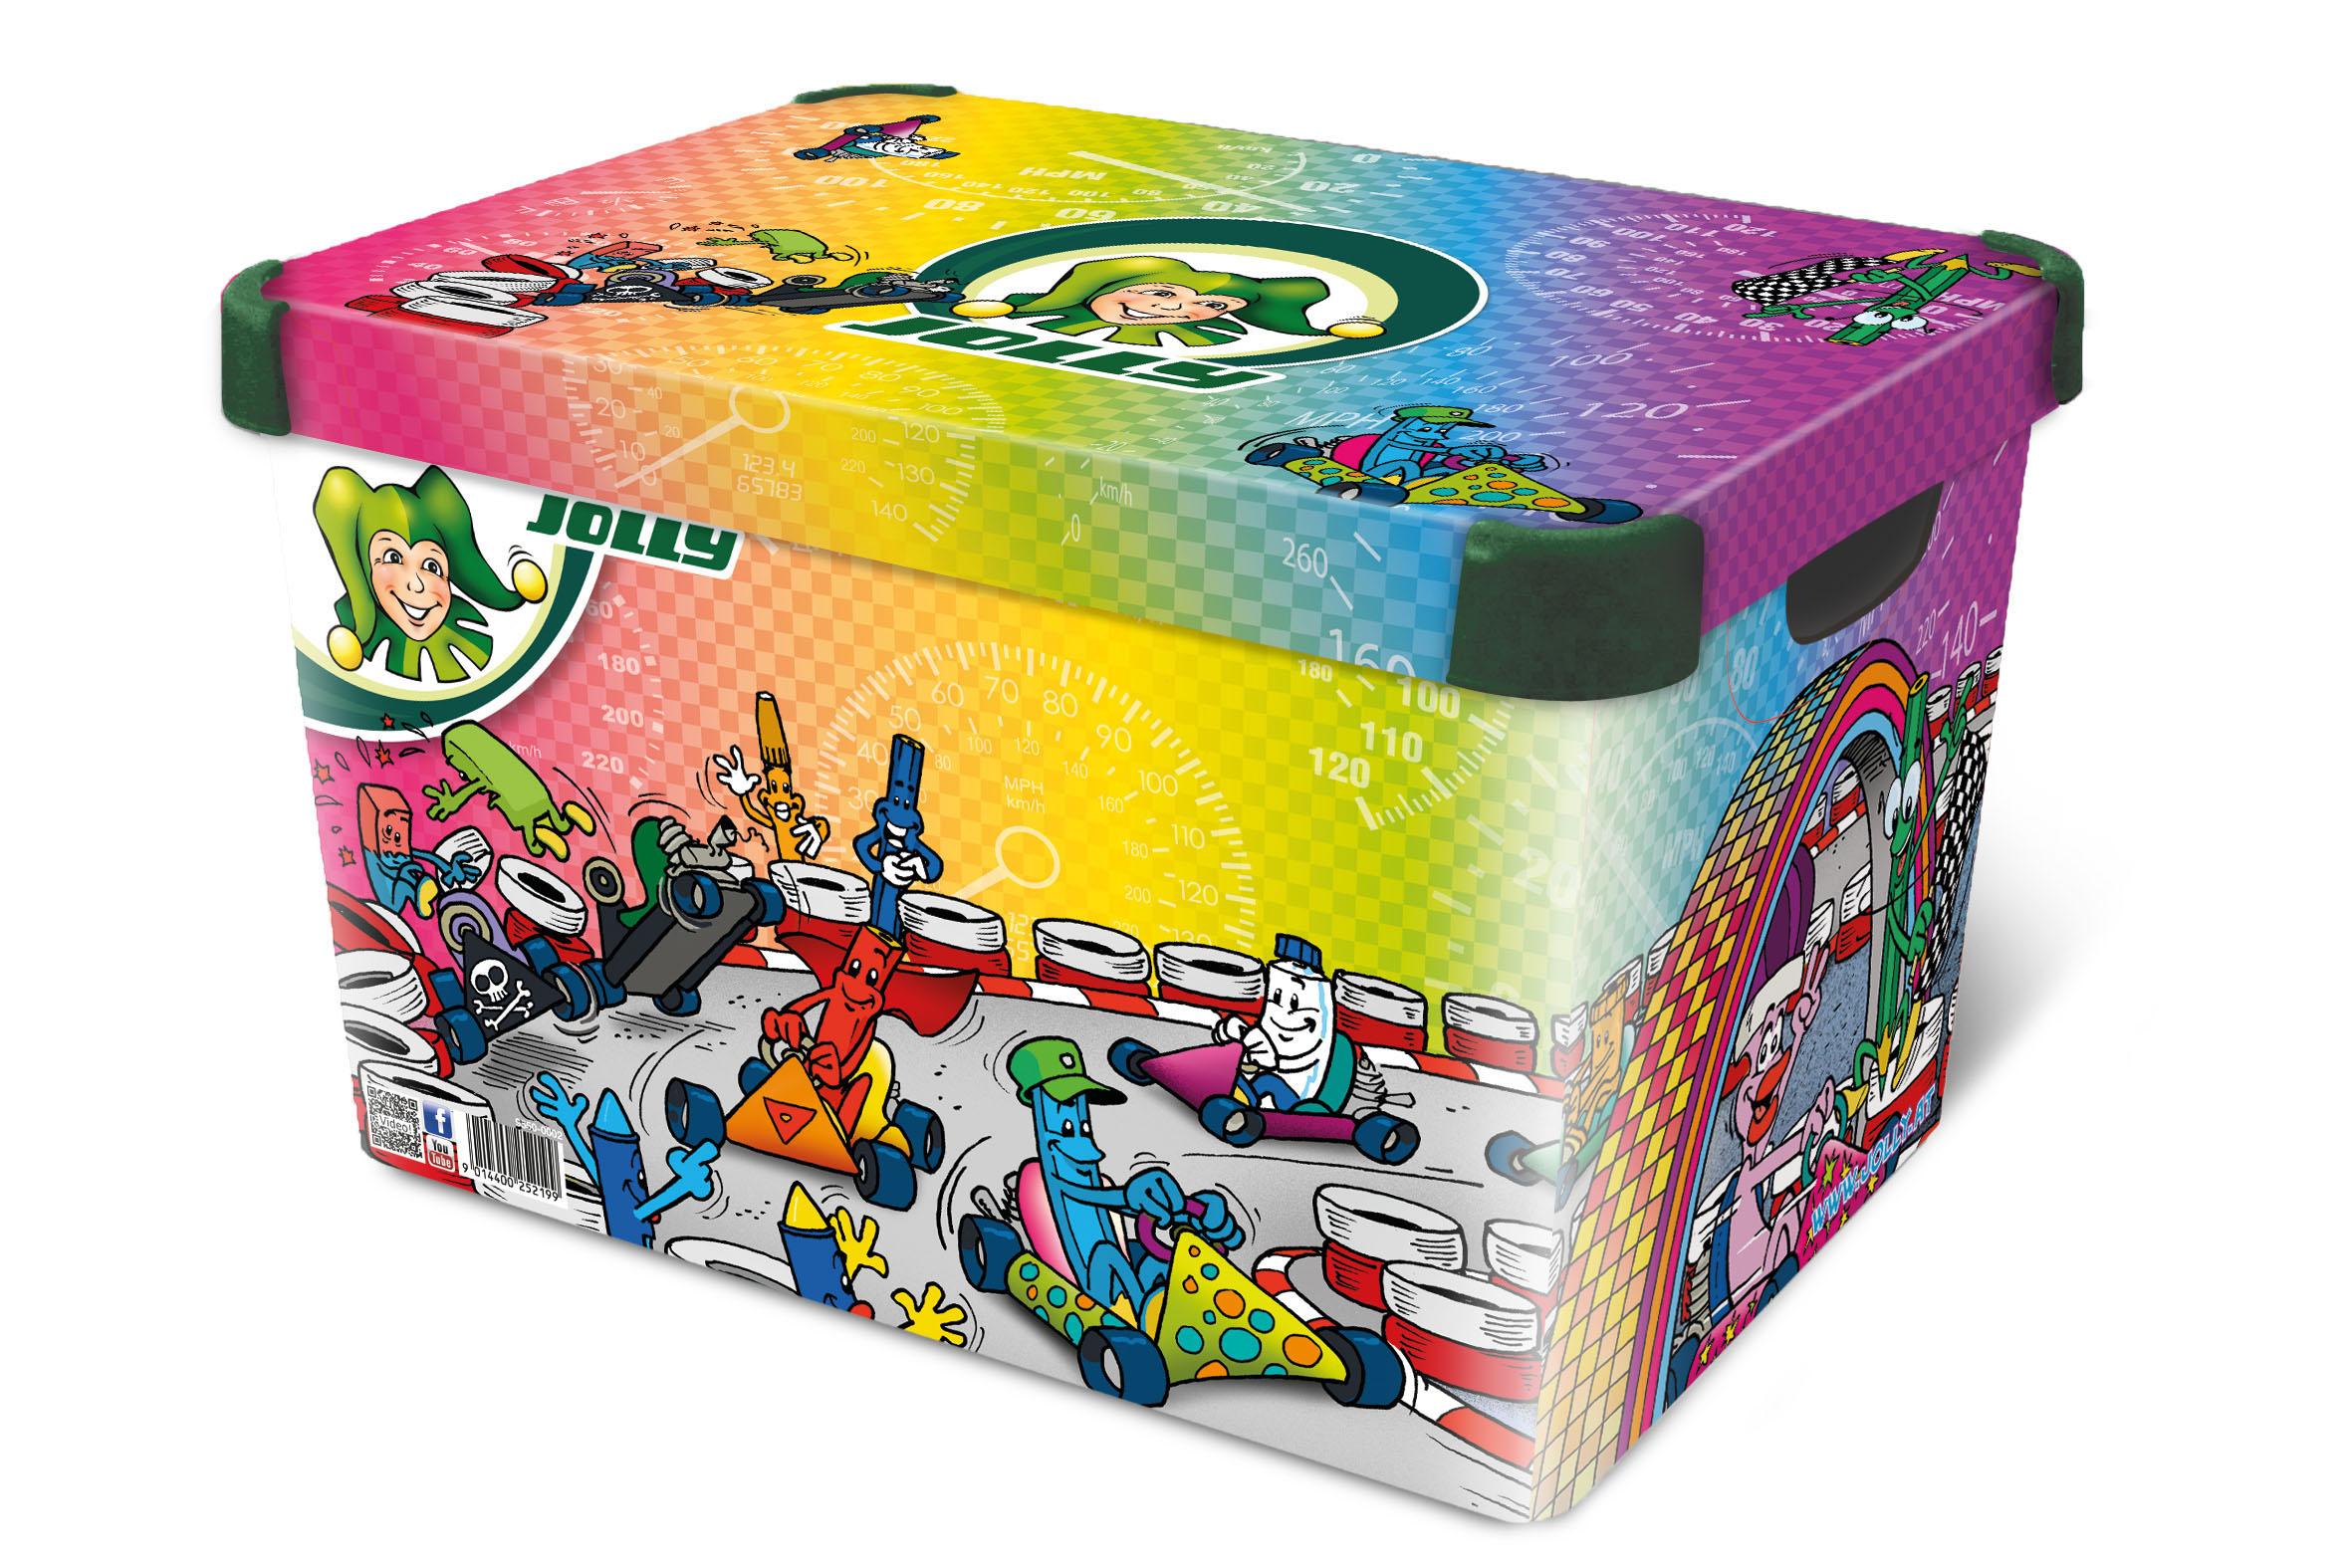 Full Size of Aufbewahrungsbox Kinderzimmer Jolly Aufbewahrungsbokartrennen Incl Deckel Regal Garten Sofa Weiß Regale Wohnzimmer Aufbewahrungsbox Kinderzimmer